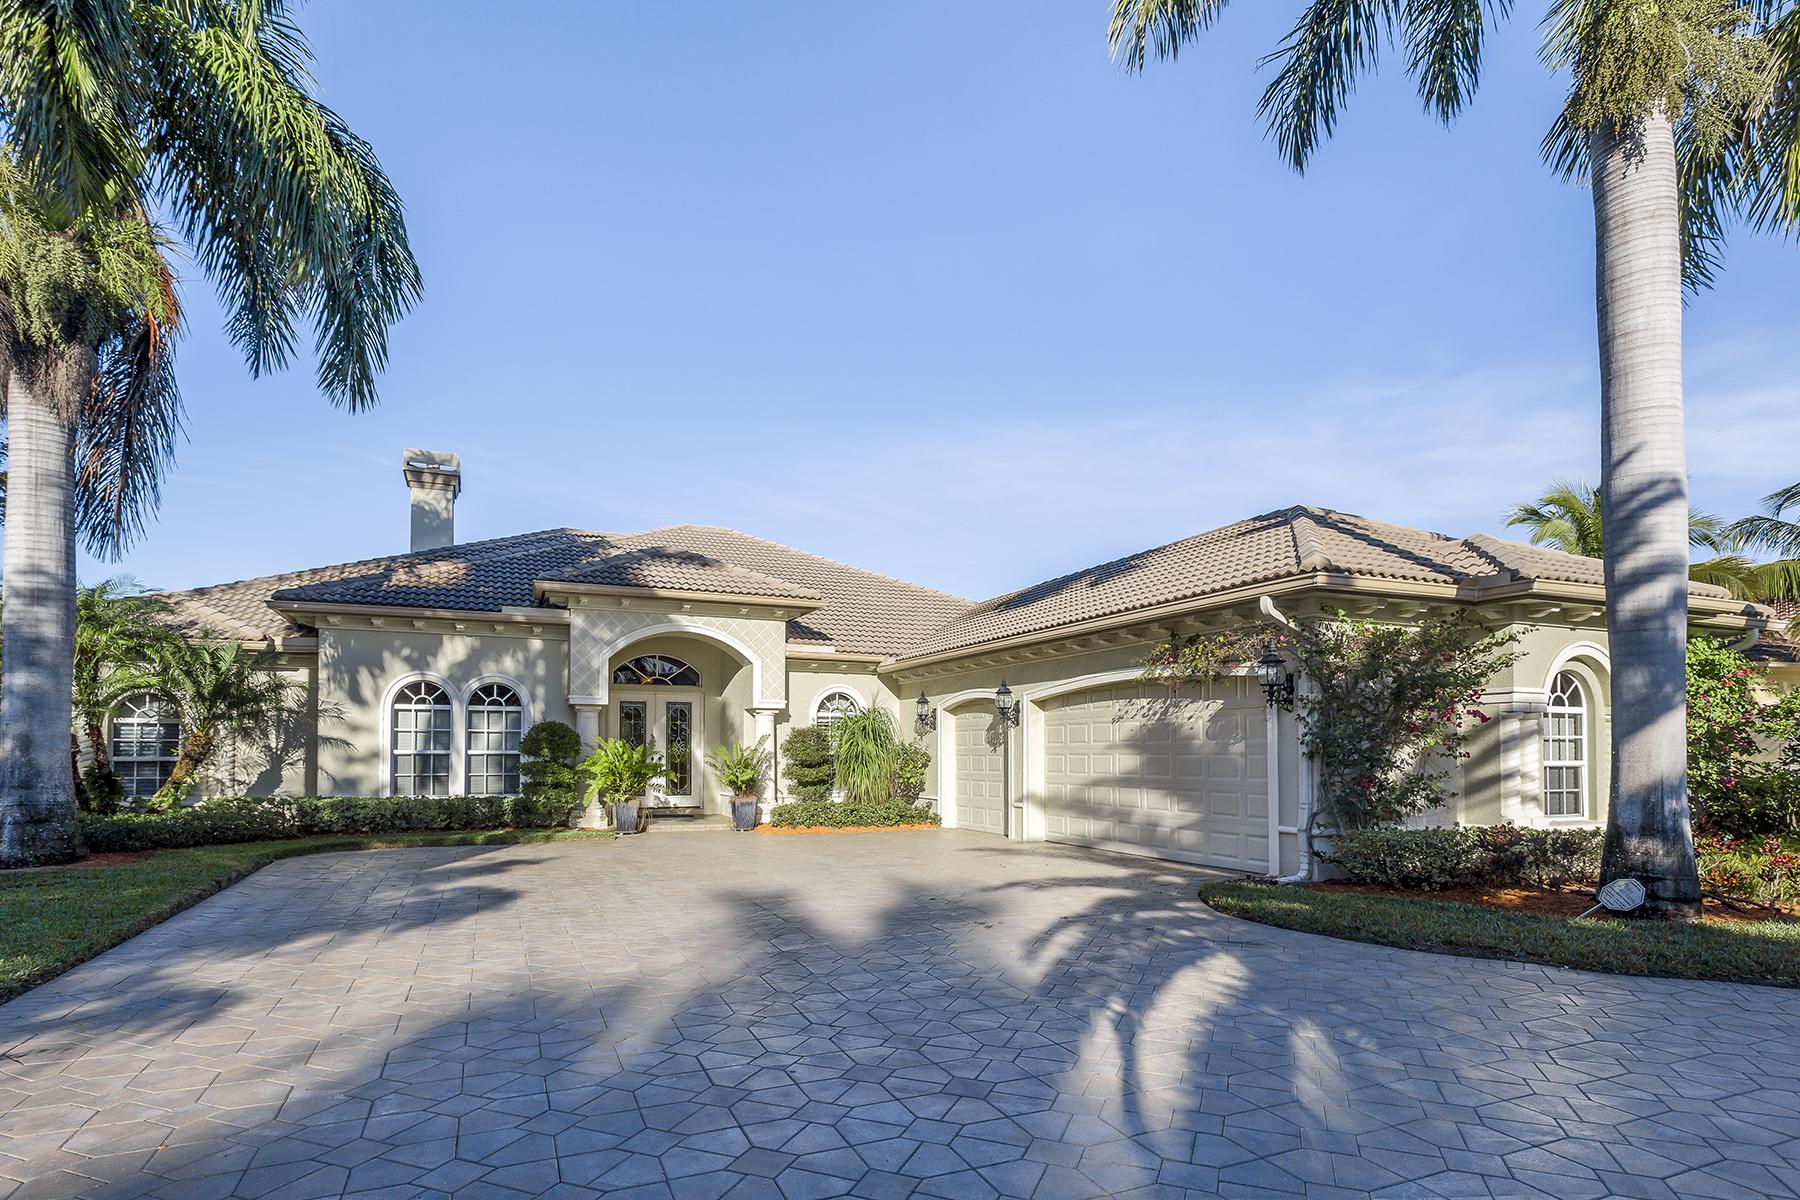 Casa Unifamiliar por un Venta en LELY RESORT - CLASSICS PLANTATION ESTATES 7619 Palmer Ct Naples, Florida, 34113 Estados Unidos